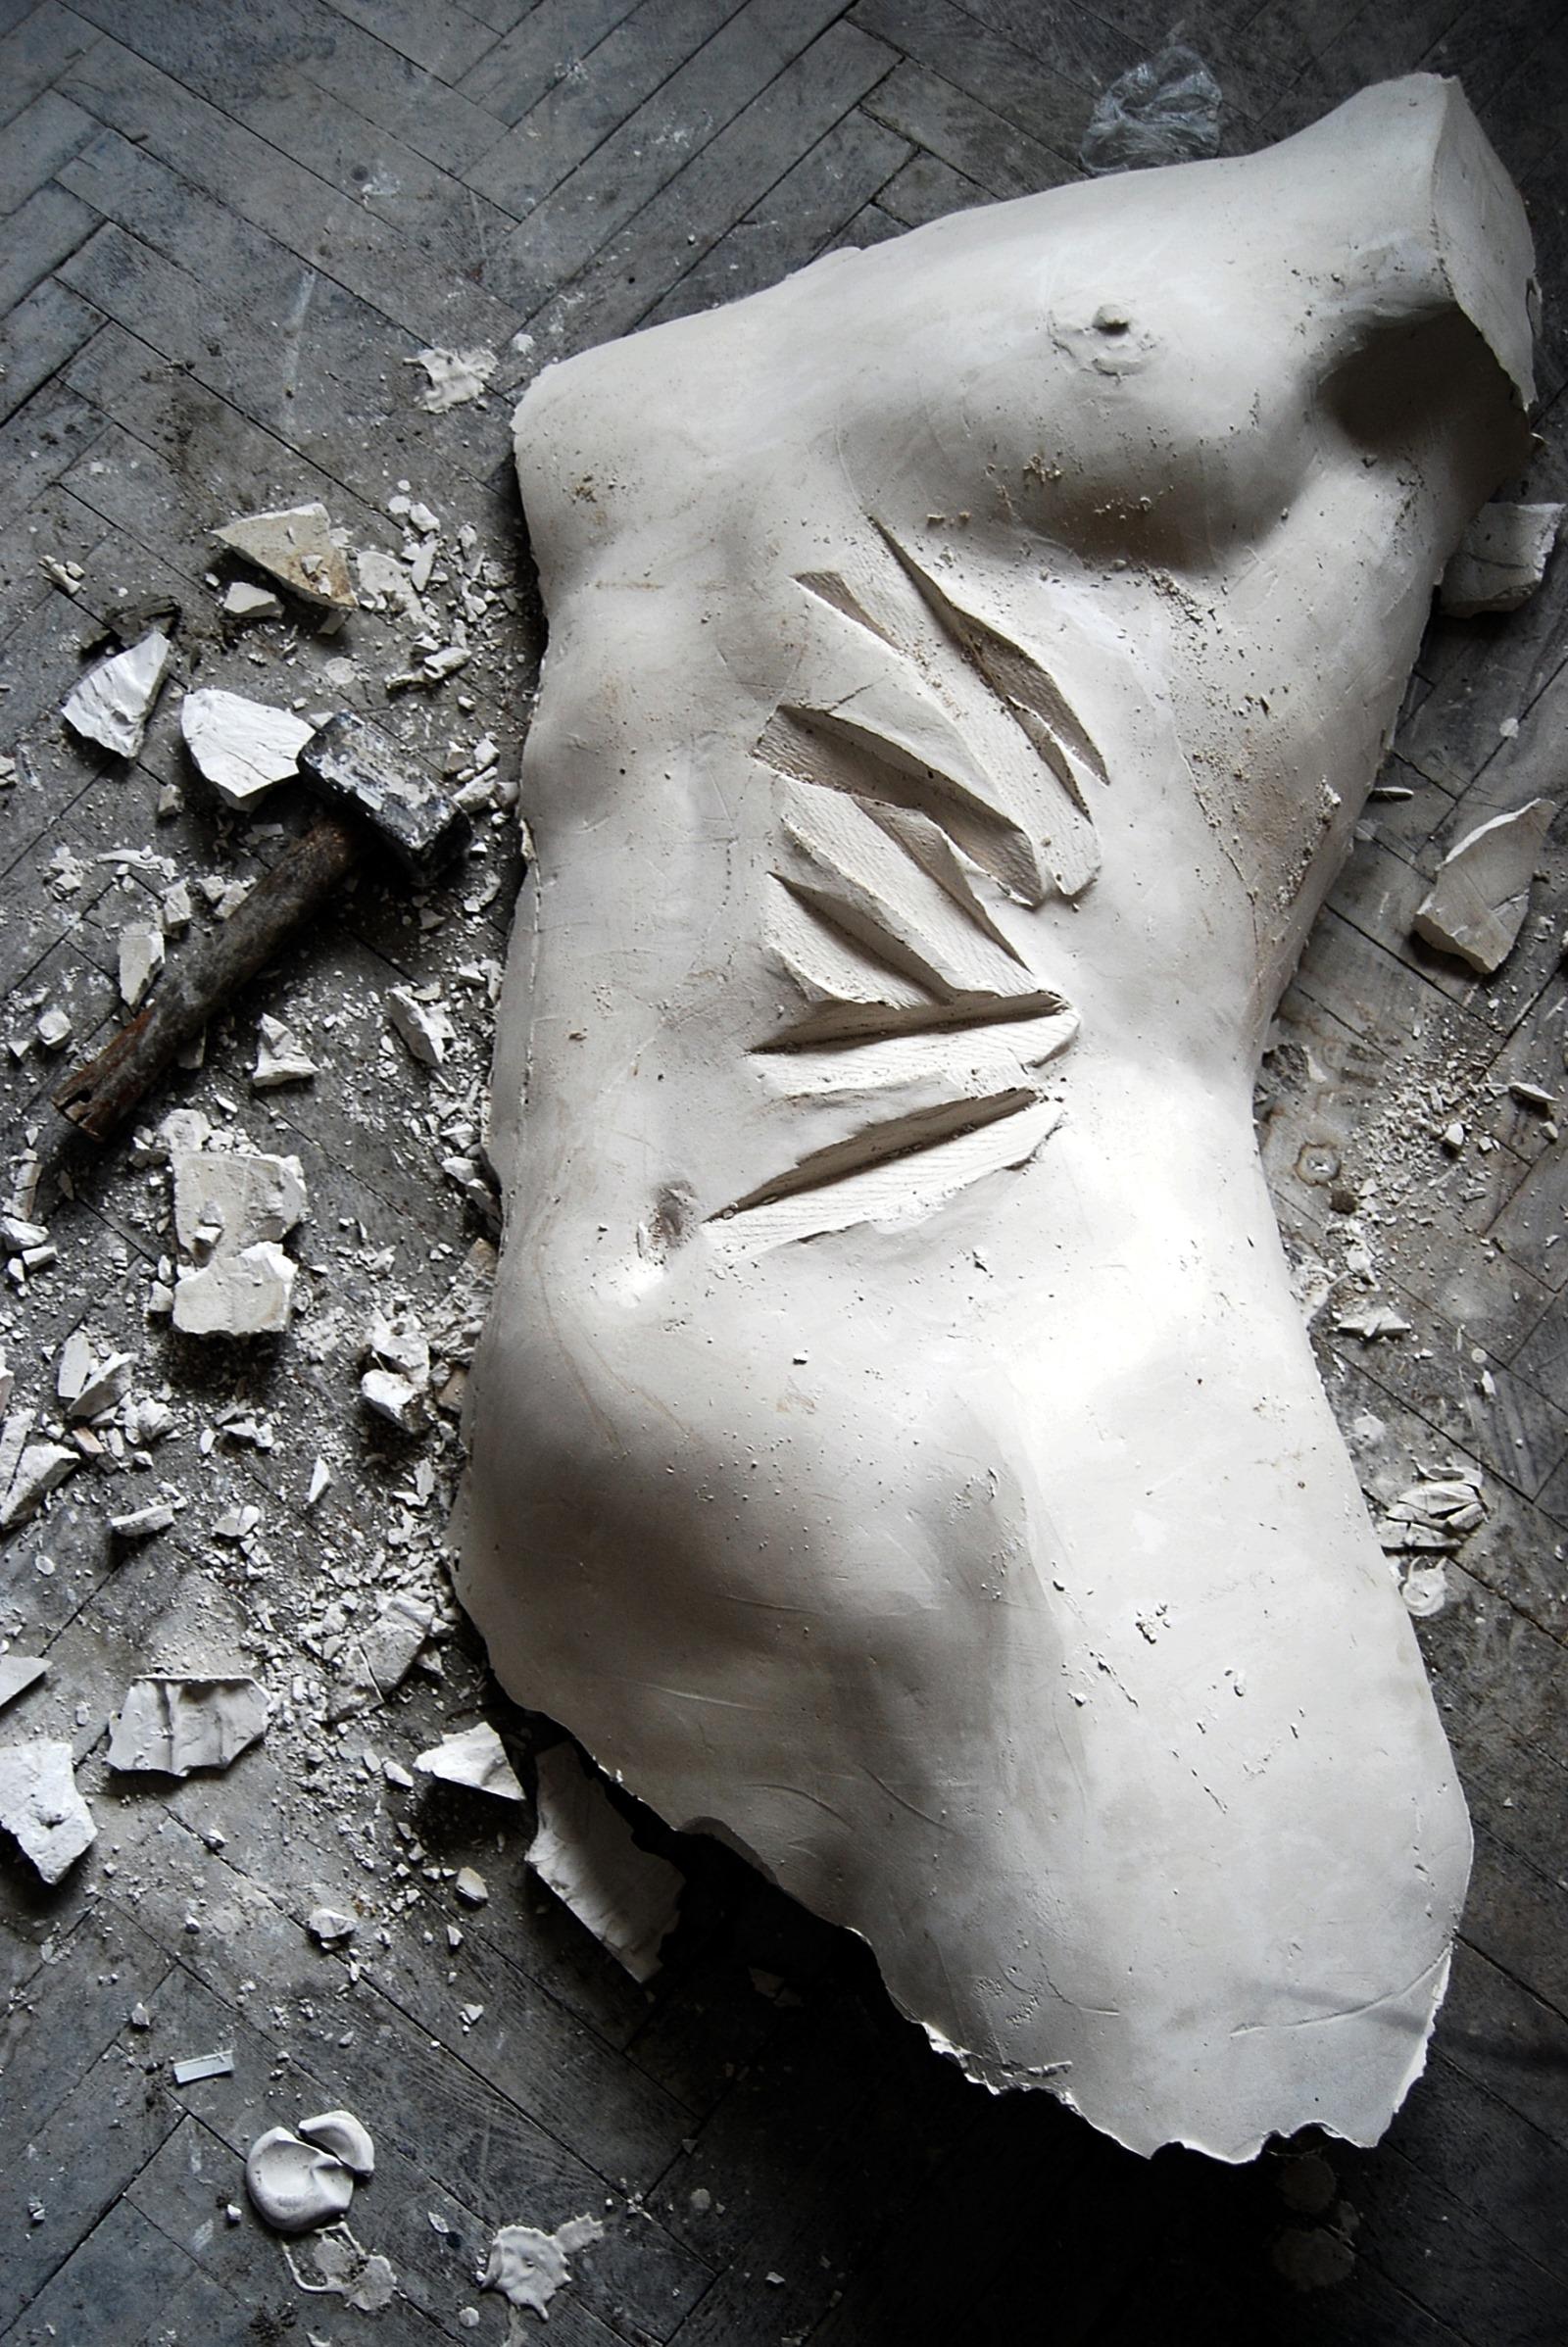 """Kiparica i slikarica Georgette Yvette Ponté: """"Kroz torzo žene može se ispričati bezbroj priča, jer je ona i u današnjem svijetu zatvorena u svom tijelu."""""""